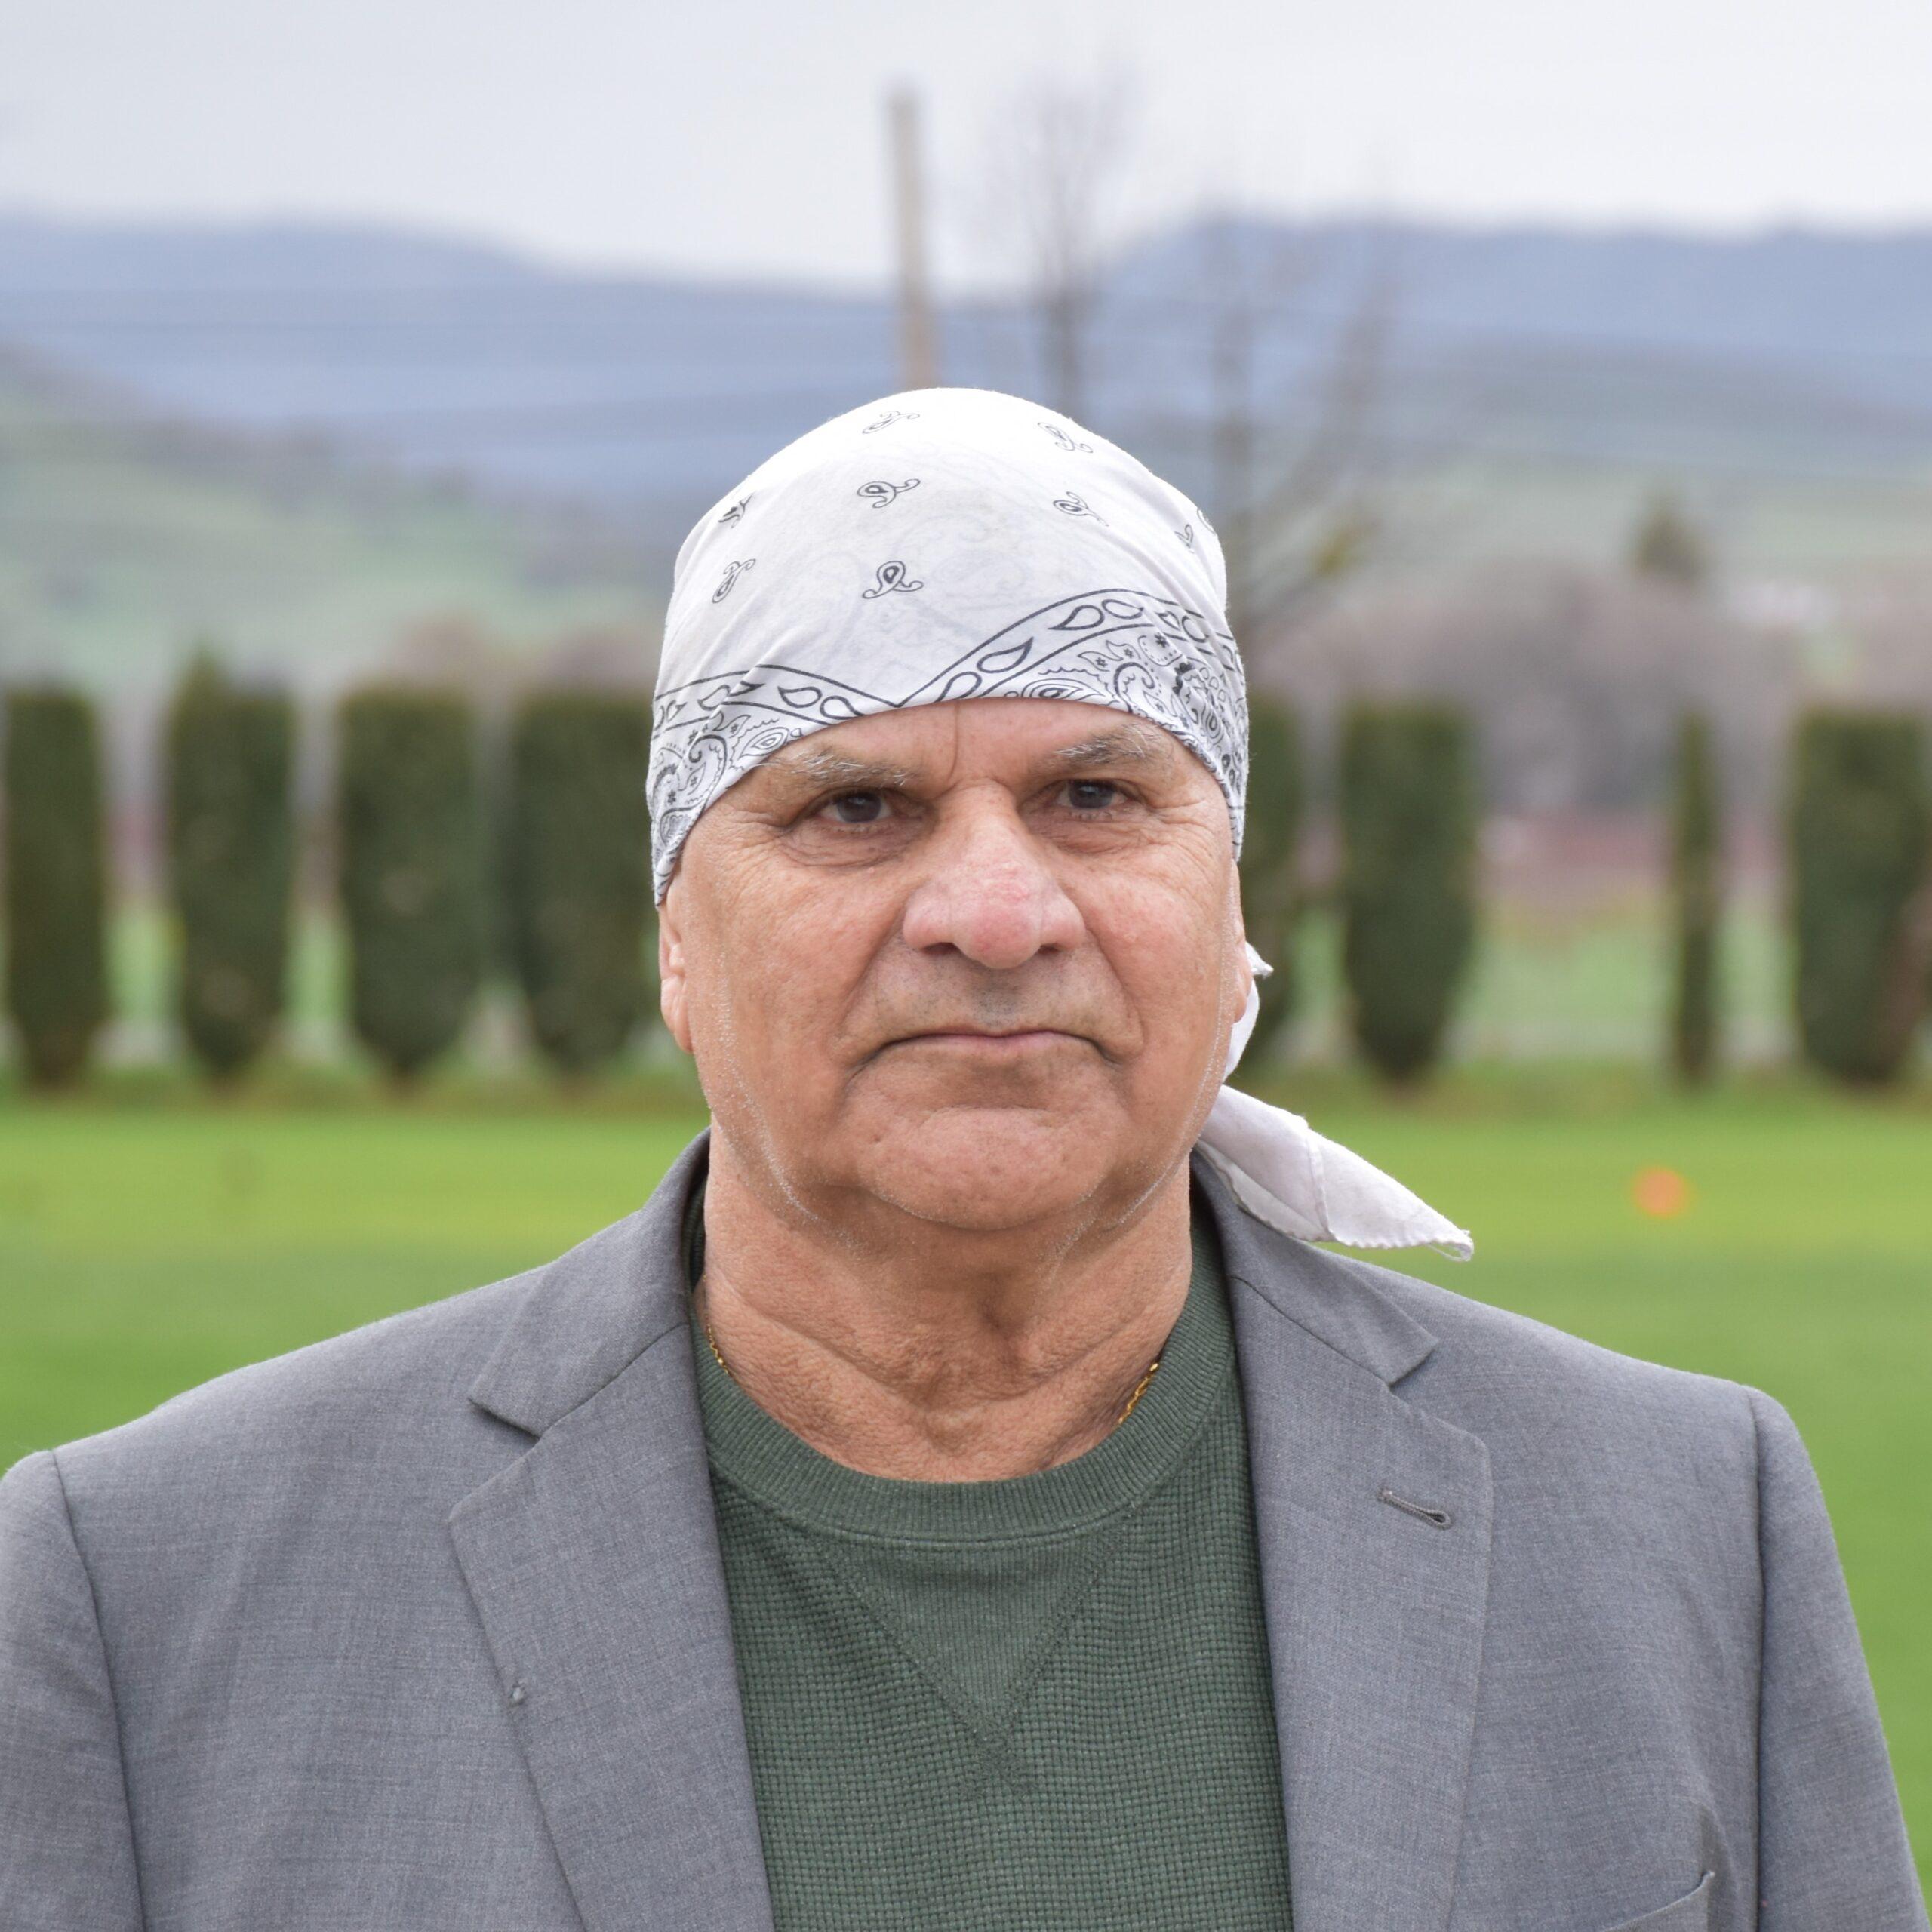 Rajinder Singh Suprai